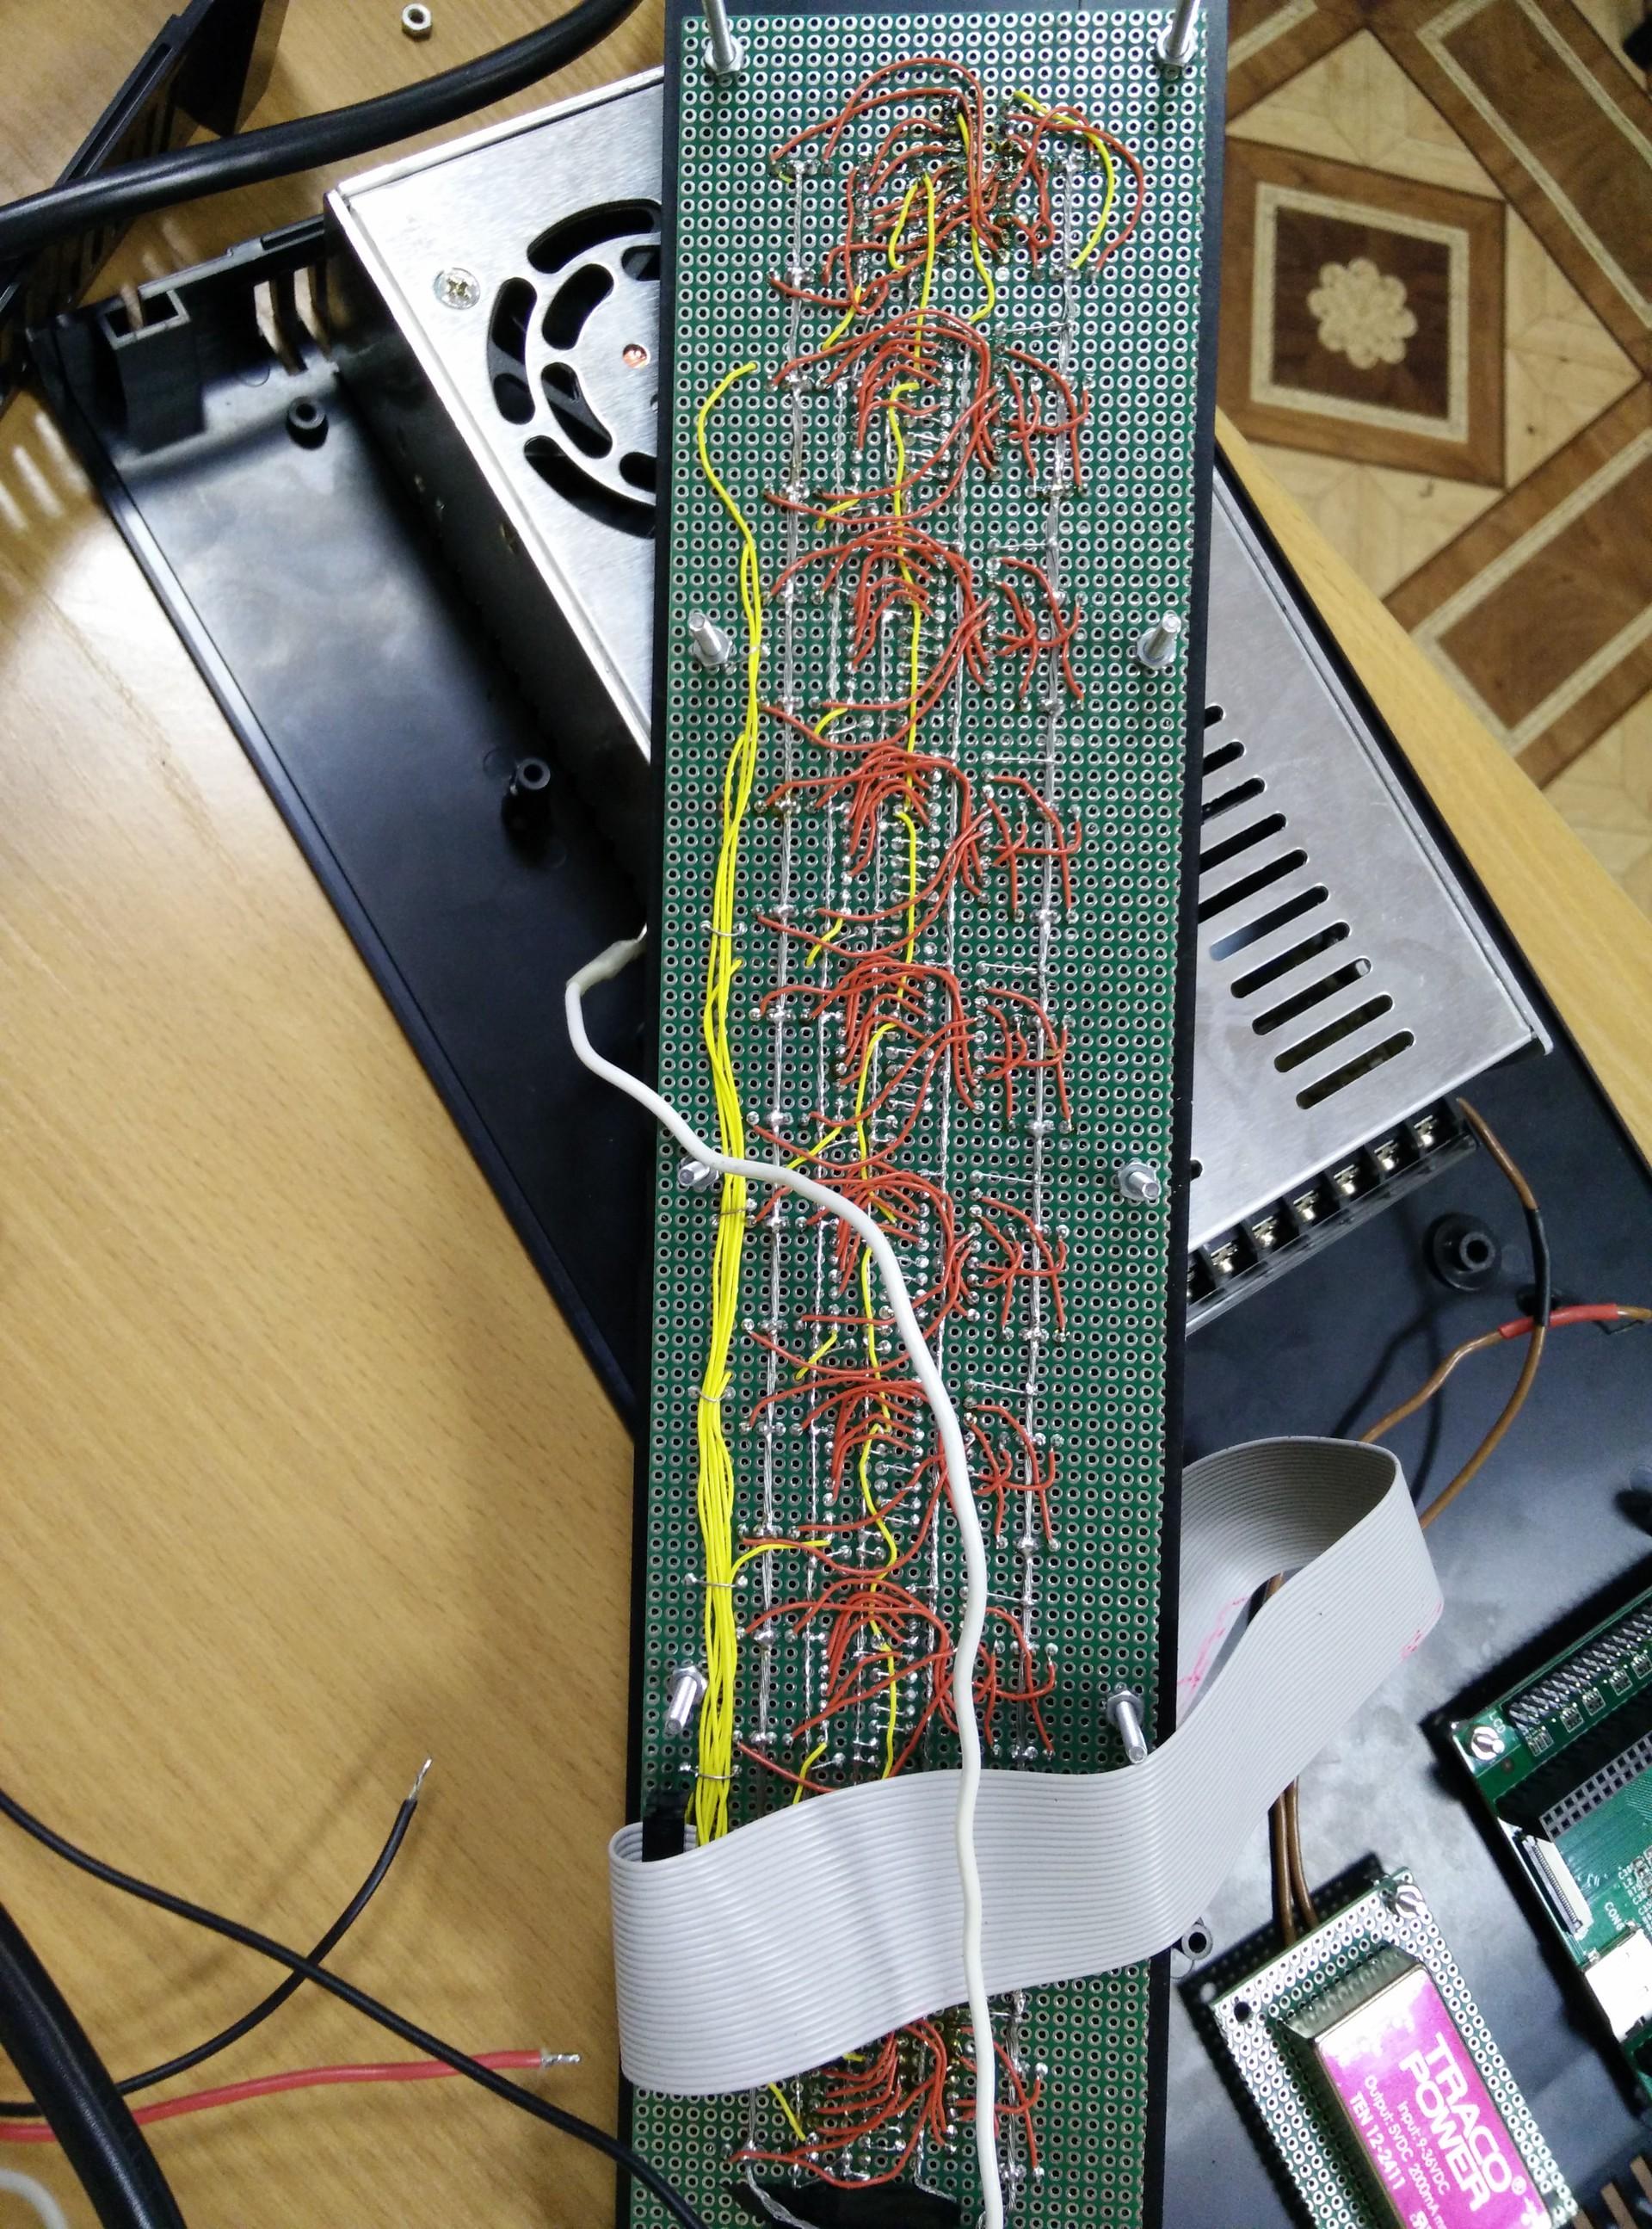 Как мы строили систему аварийной сигнализации дата-центра - 8